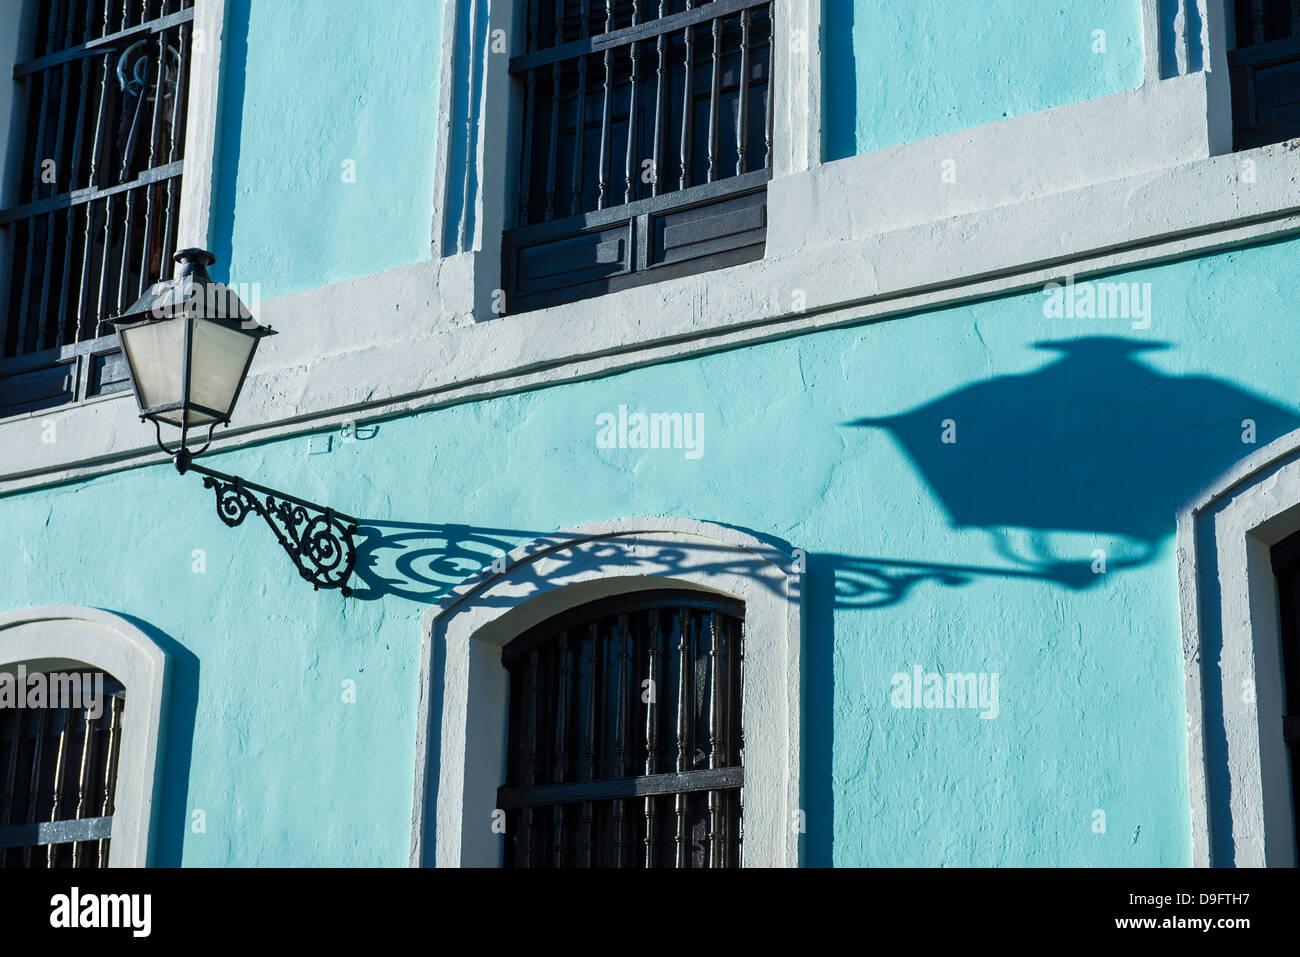 Casco antiguo de la ciudad de San Juan, Sitio del Patrimonio Mundial de la UNESCO, Puerto Rico, Antillas, Caribe Imagen De Stock